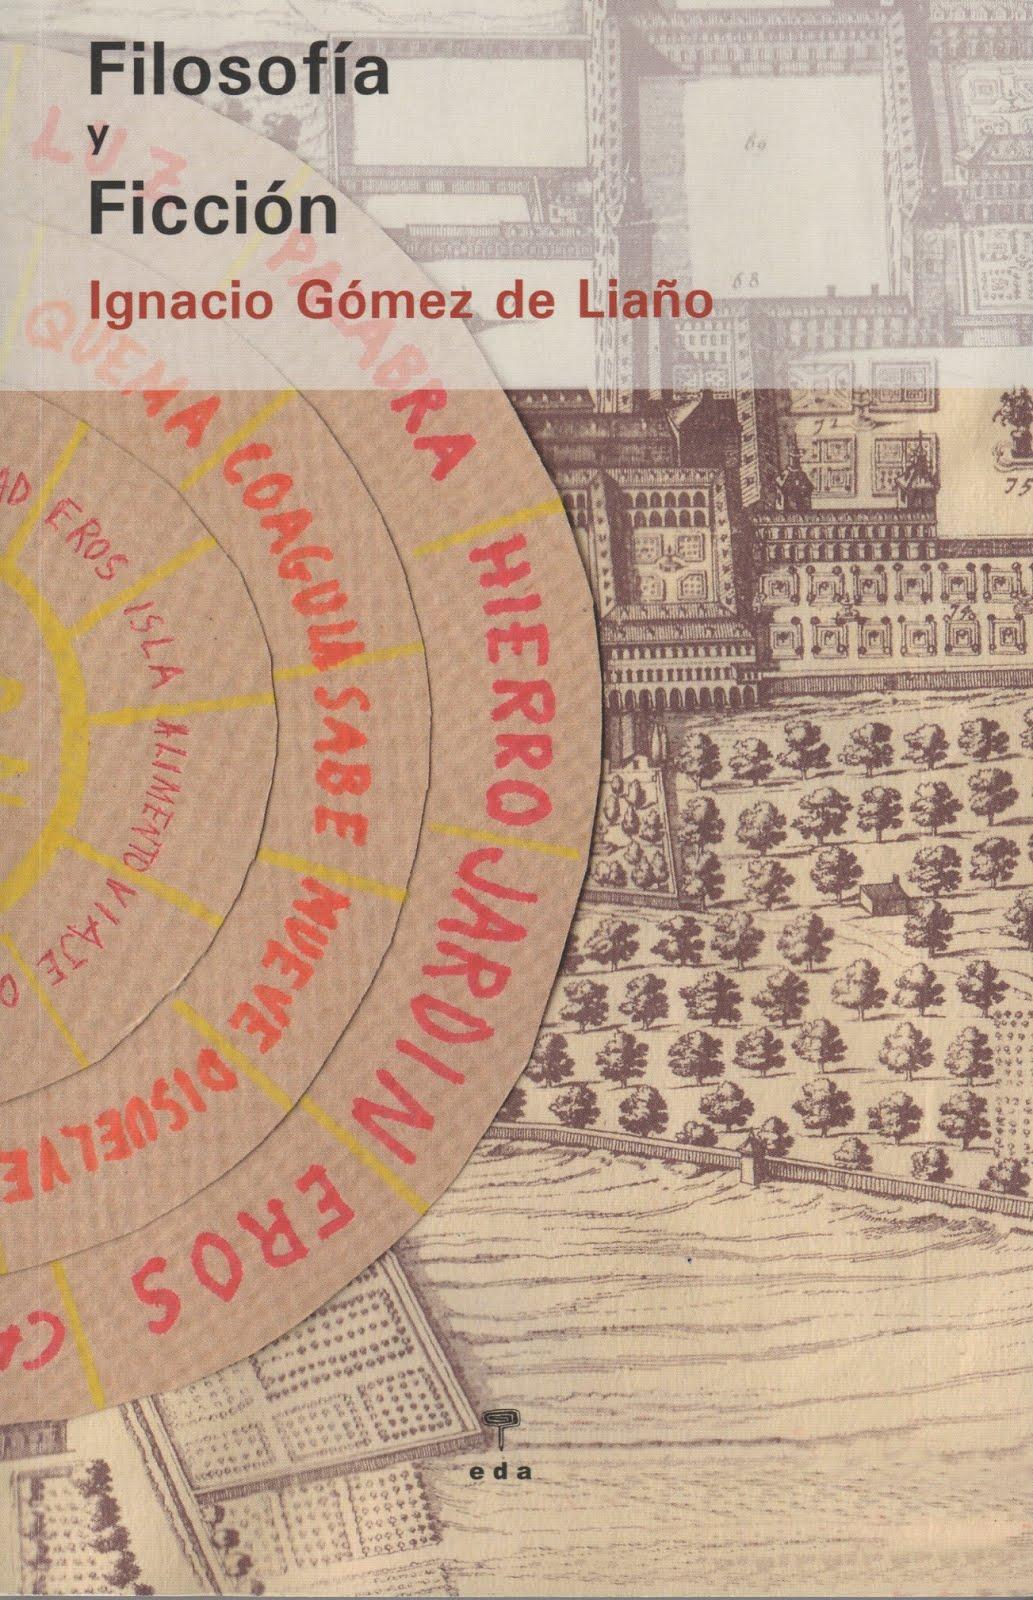 Ignacio Gómez de Liaño (Filosofía y Ficción)